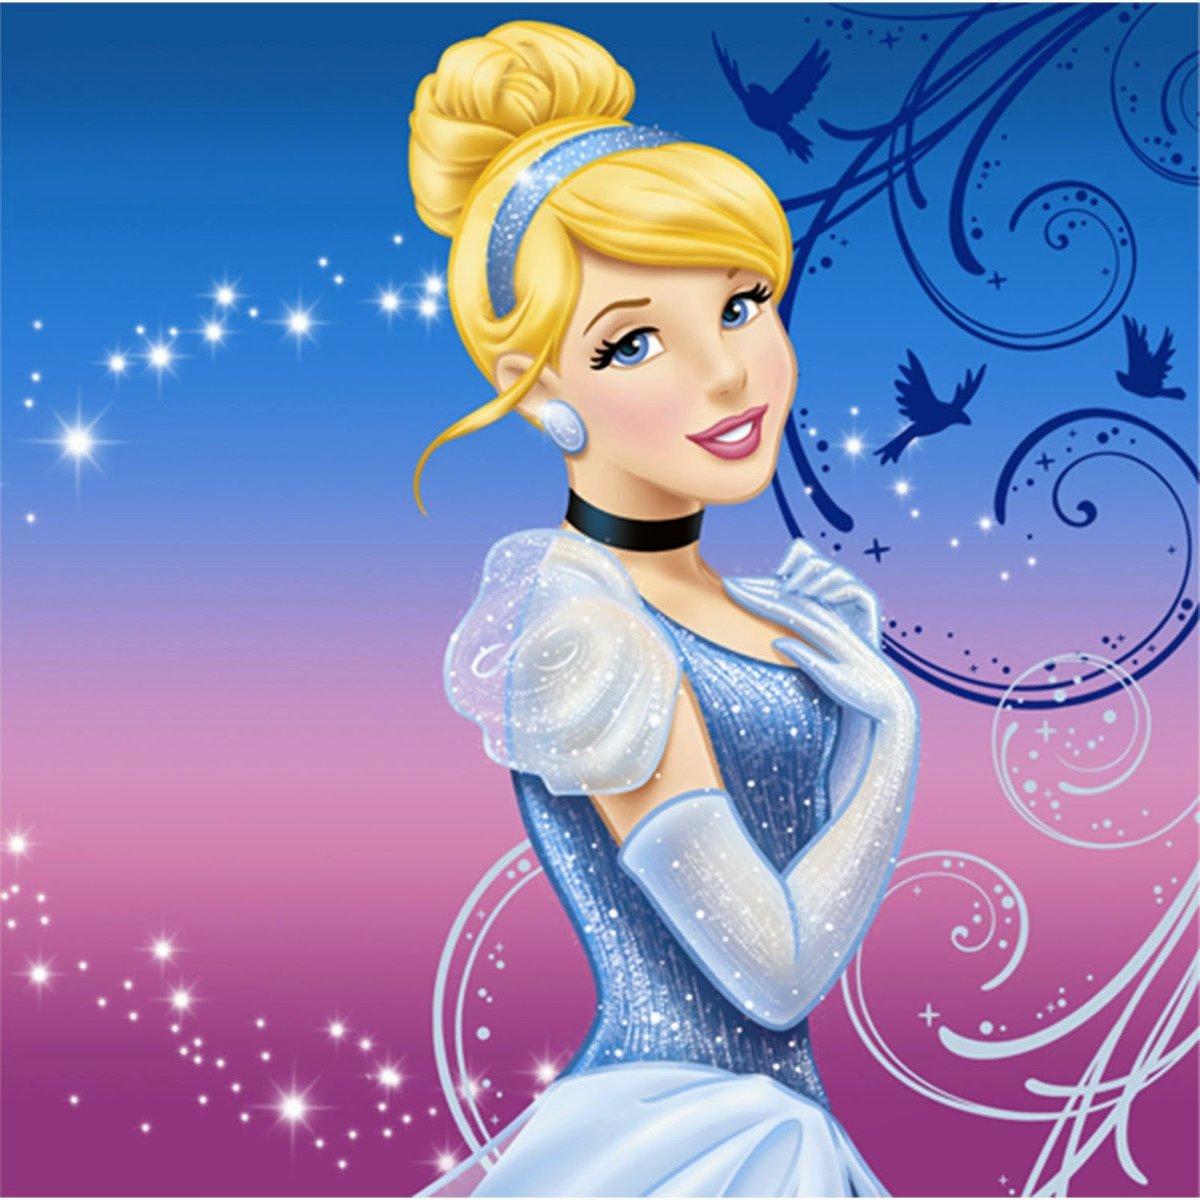 Cinderella Disney Princess - Clip Art Library